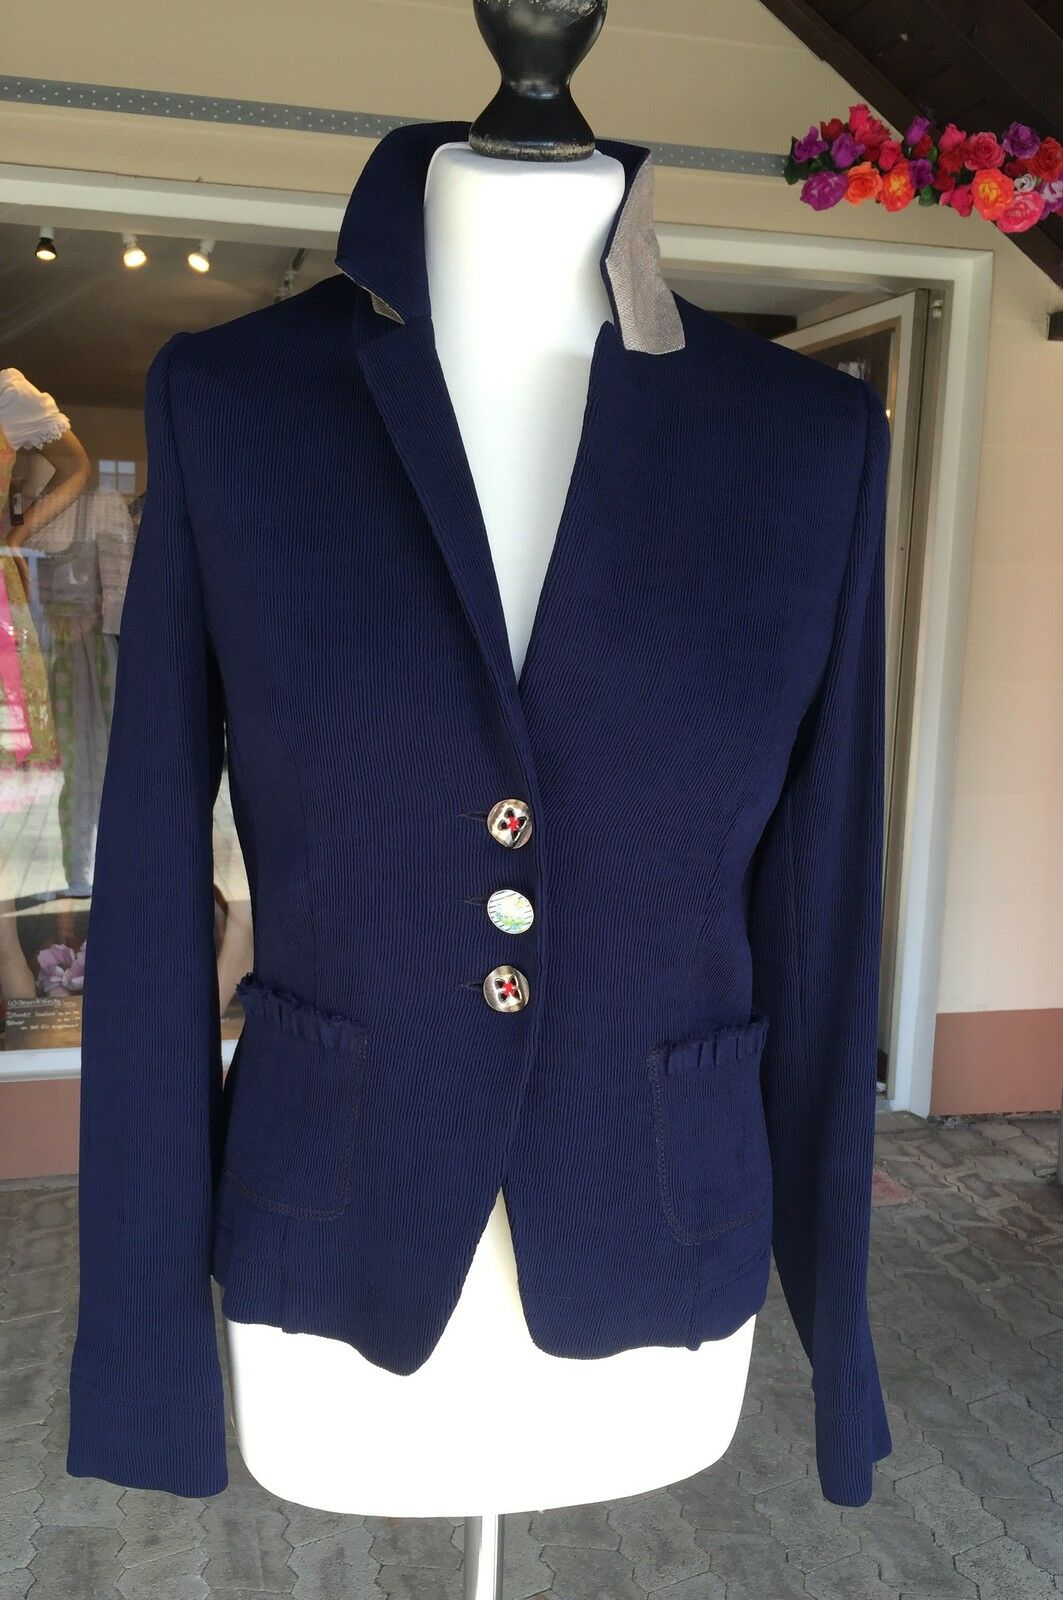 Blazer Jacke, von & zu Basset, Gr 40, Trachtenjacke, marine, dunkelblau, taupe